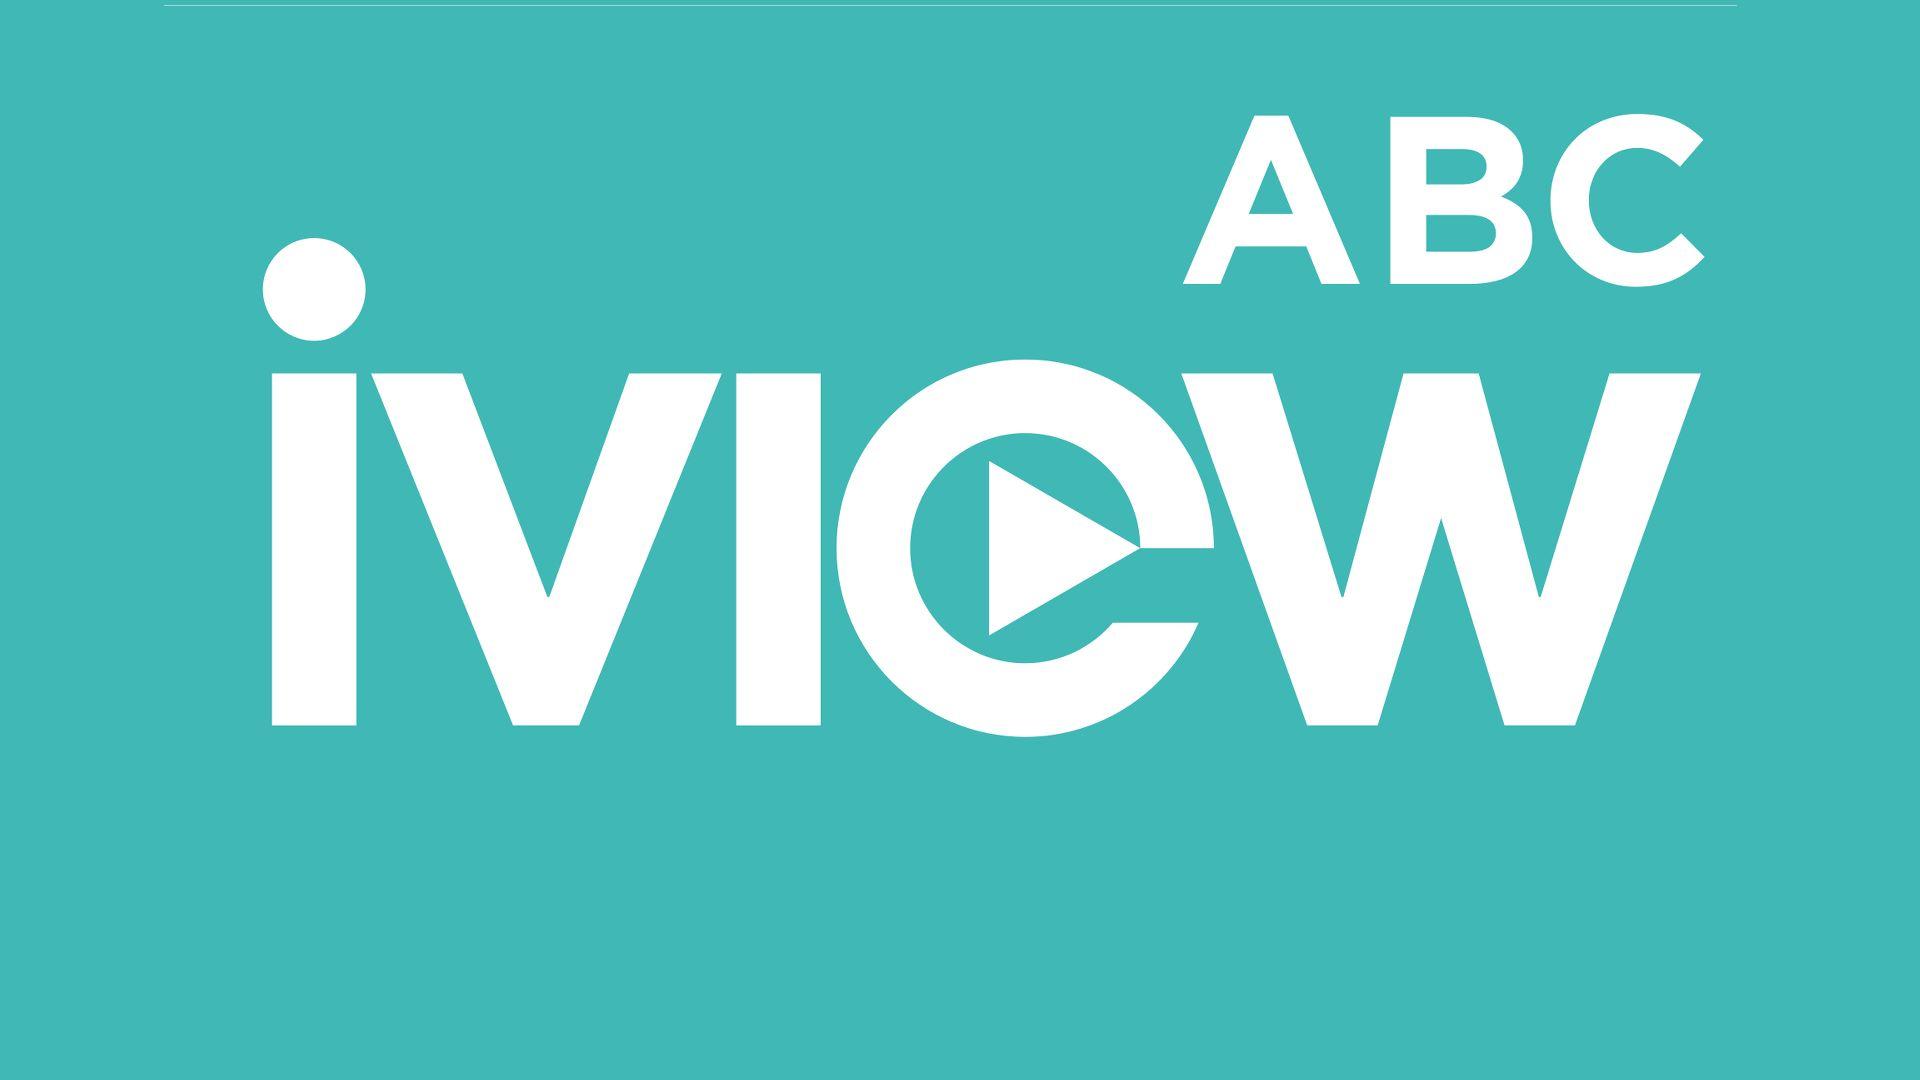 Get ABC iview - Microsoft Store en-AU